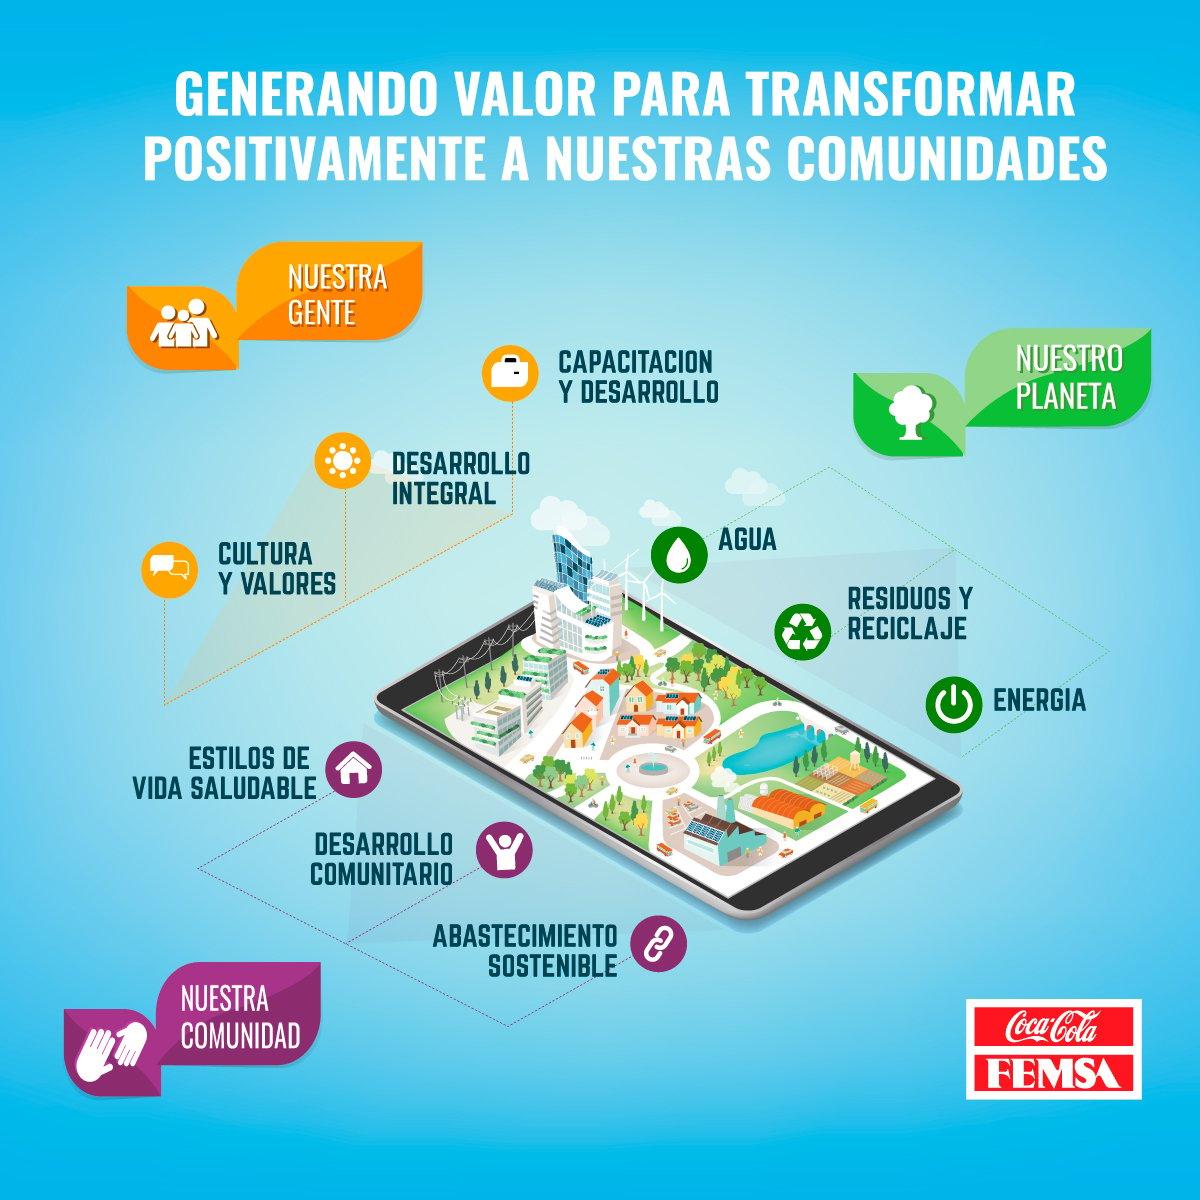 EstrategiaSostenibilidad_CocaColaFEMSA